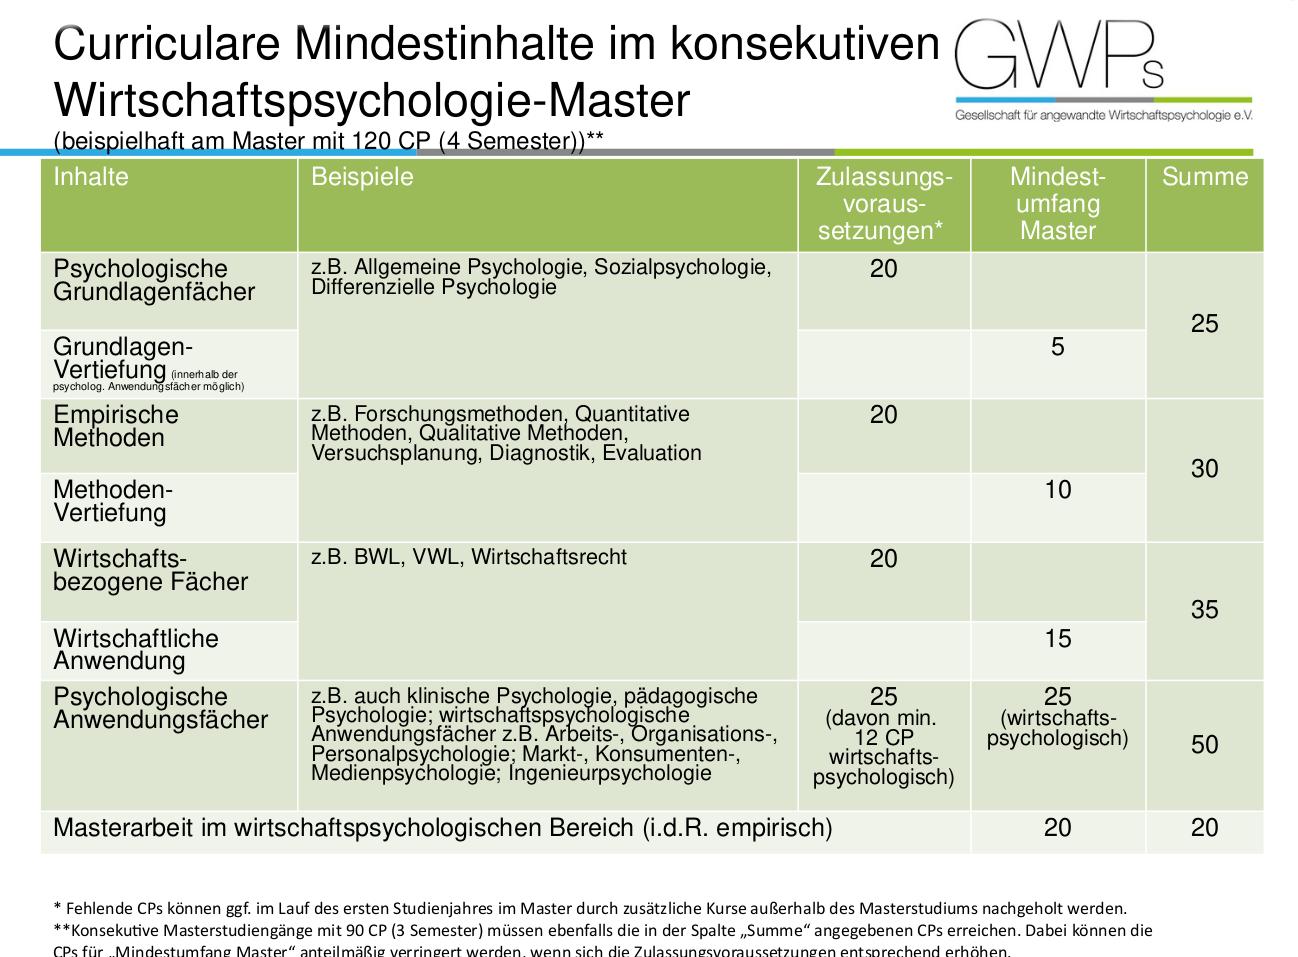 Curriculare Mindestinhalte und Empfehlungen für Masterstudiengänge der Wirtschaftspsychologie